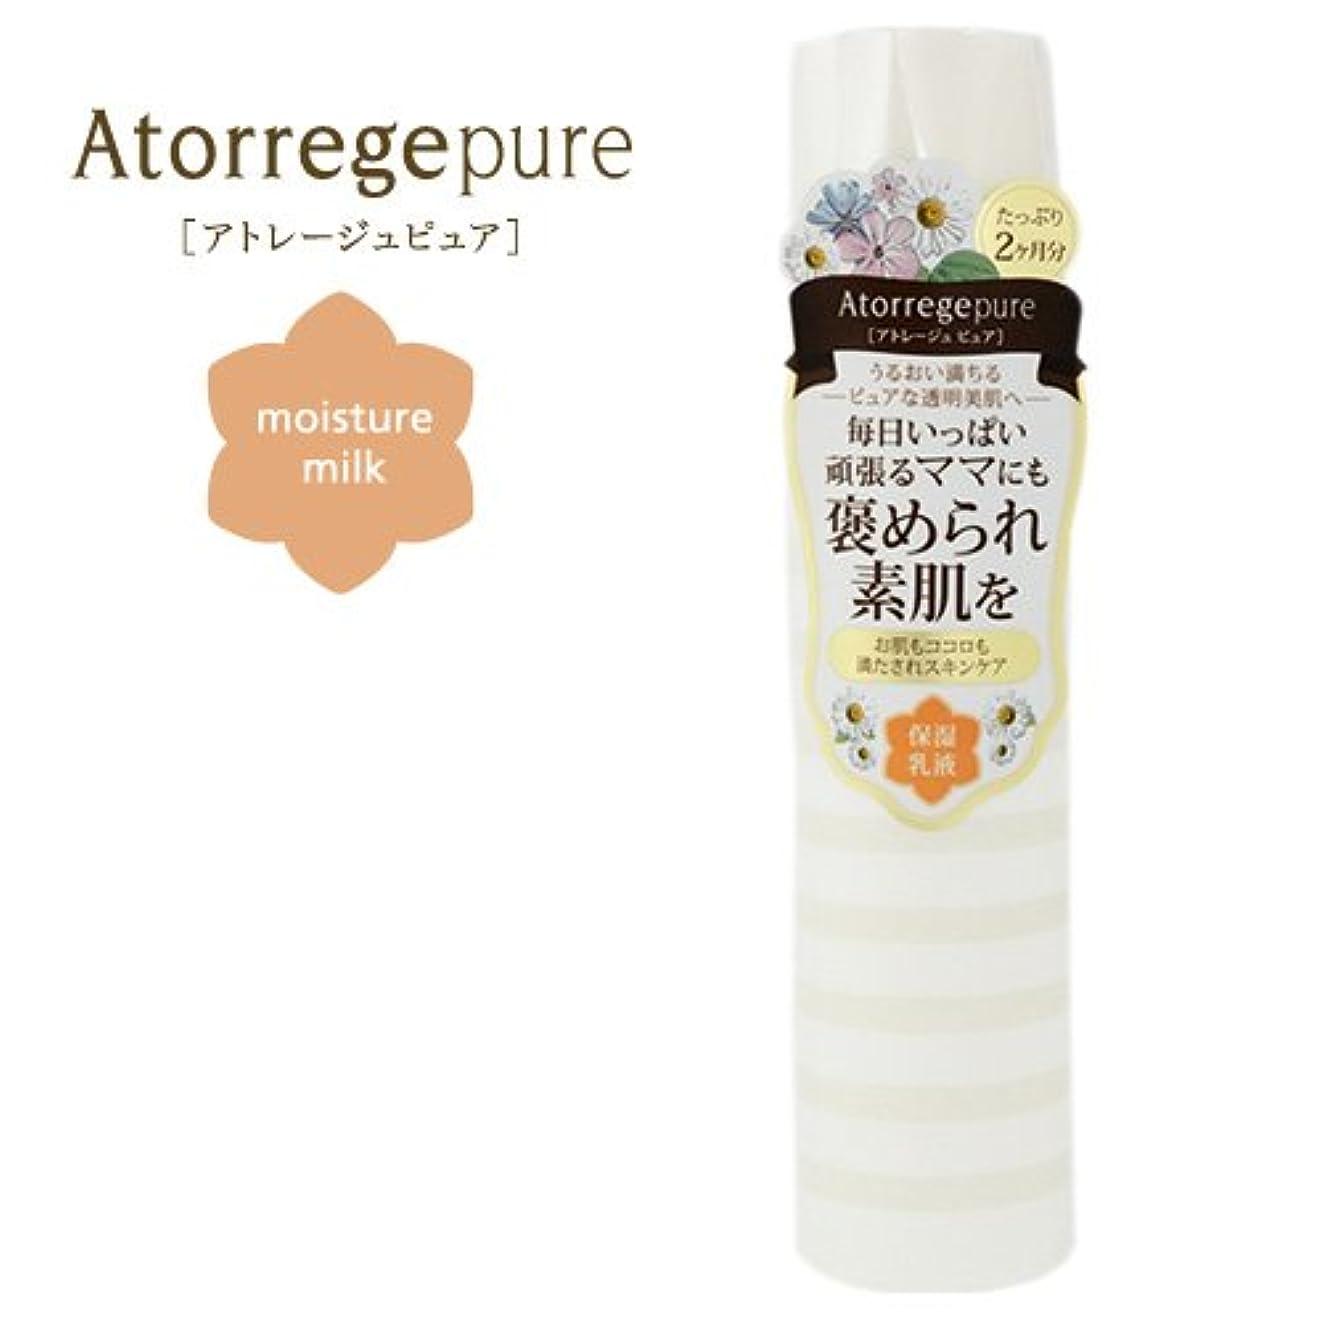 宣伝うめき沿ってアトレージュピュア モイスチュアミルク (保湿乳液) 120mL